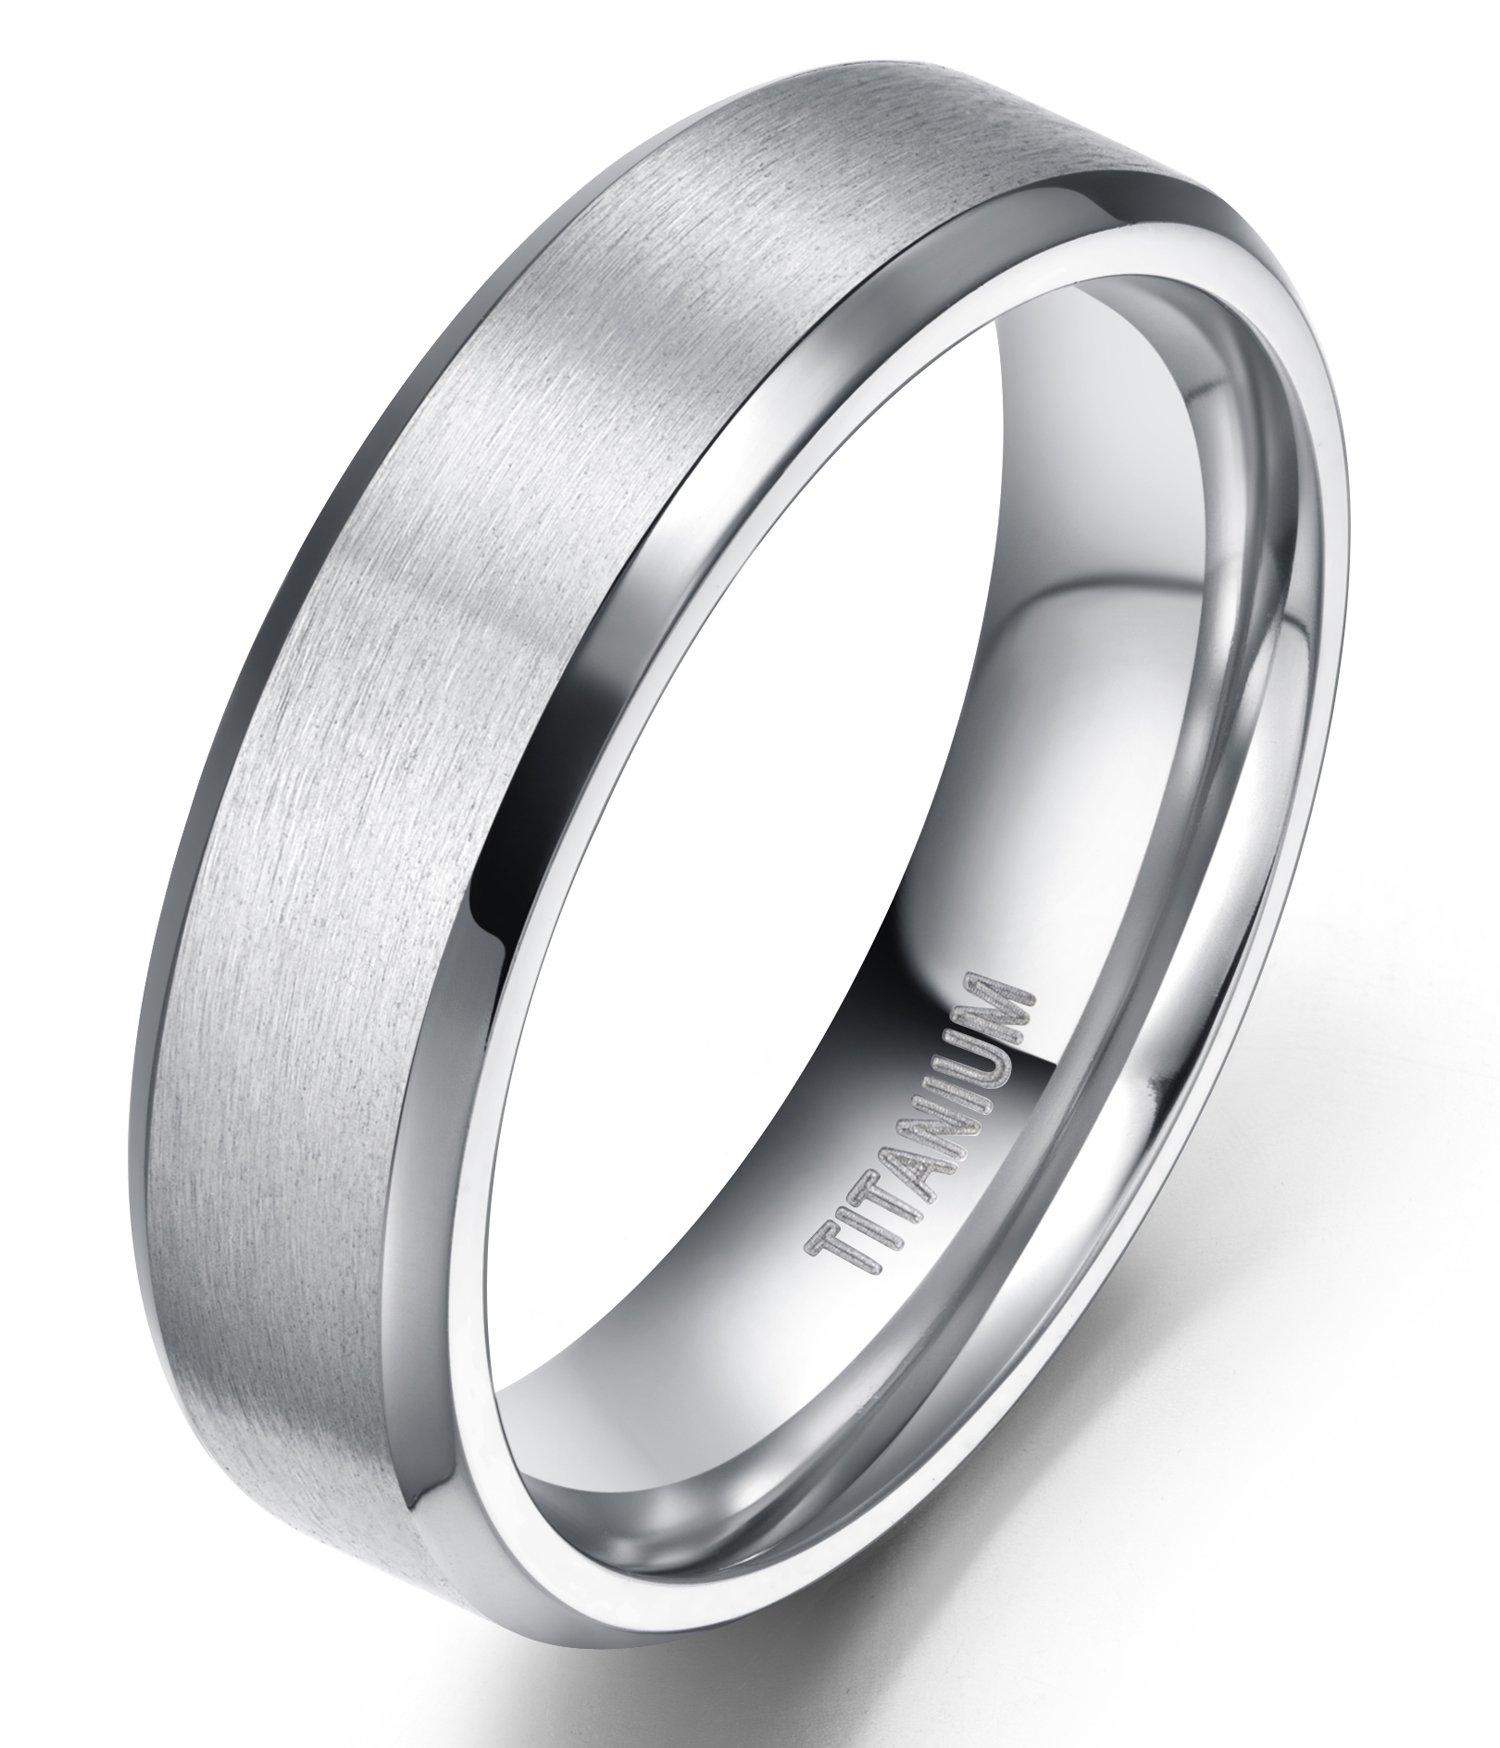 TIGRADE 6mm Unisex Titanium Ring Flat Matte Brushed Beveled Edge Wedding Band Comfort Fit Size 4-13 (titanium, 9)